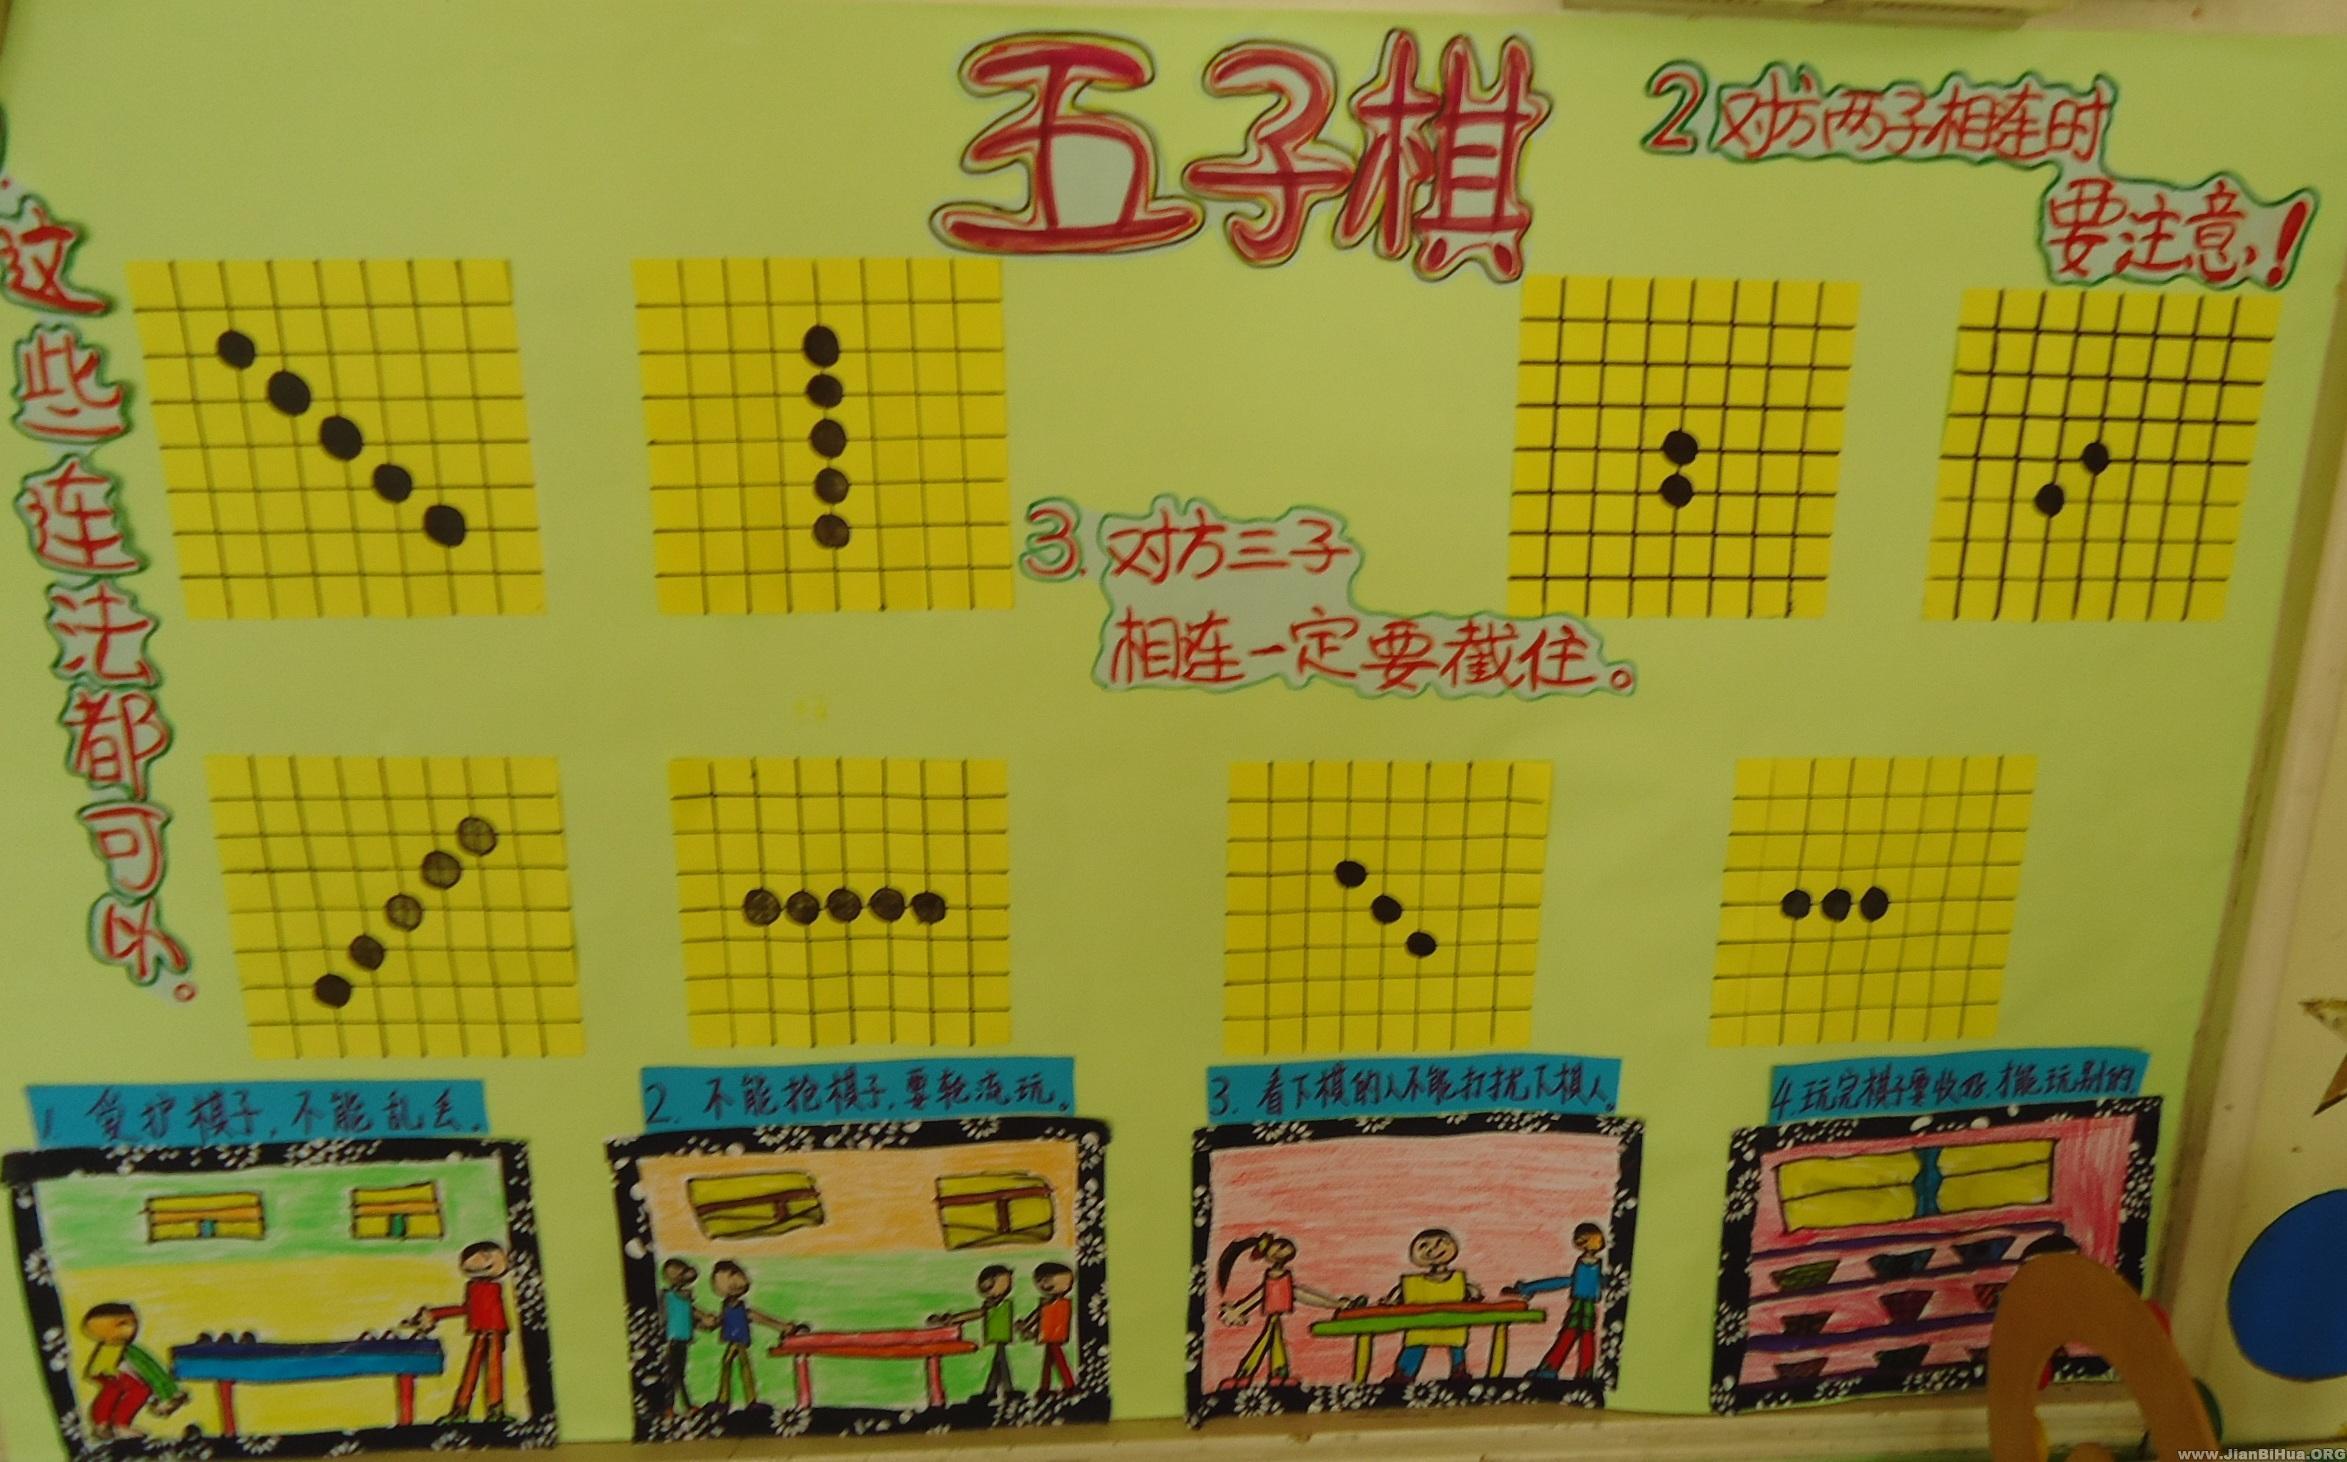 幼儿园大班活动区布置:五子棋规则